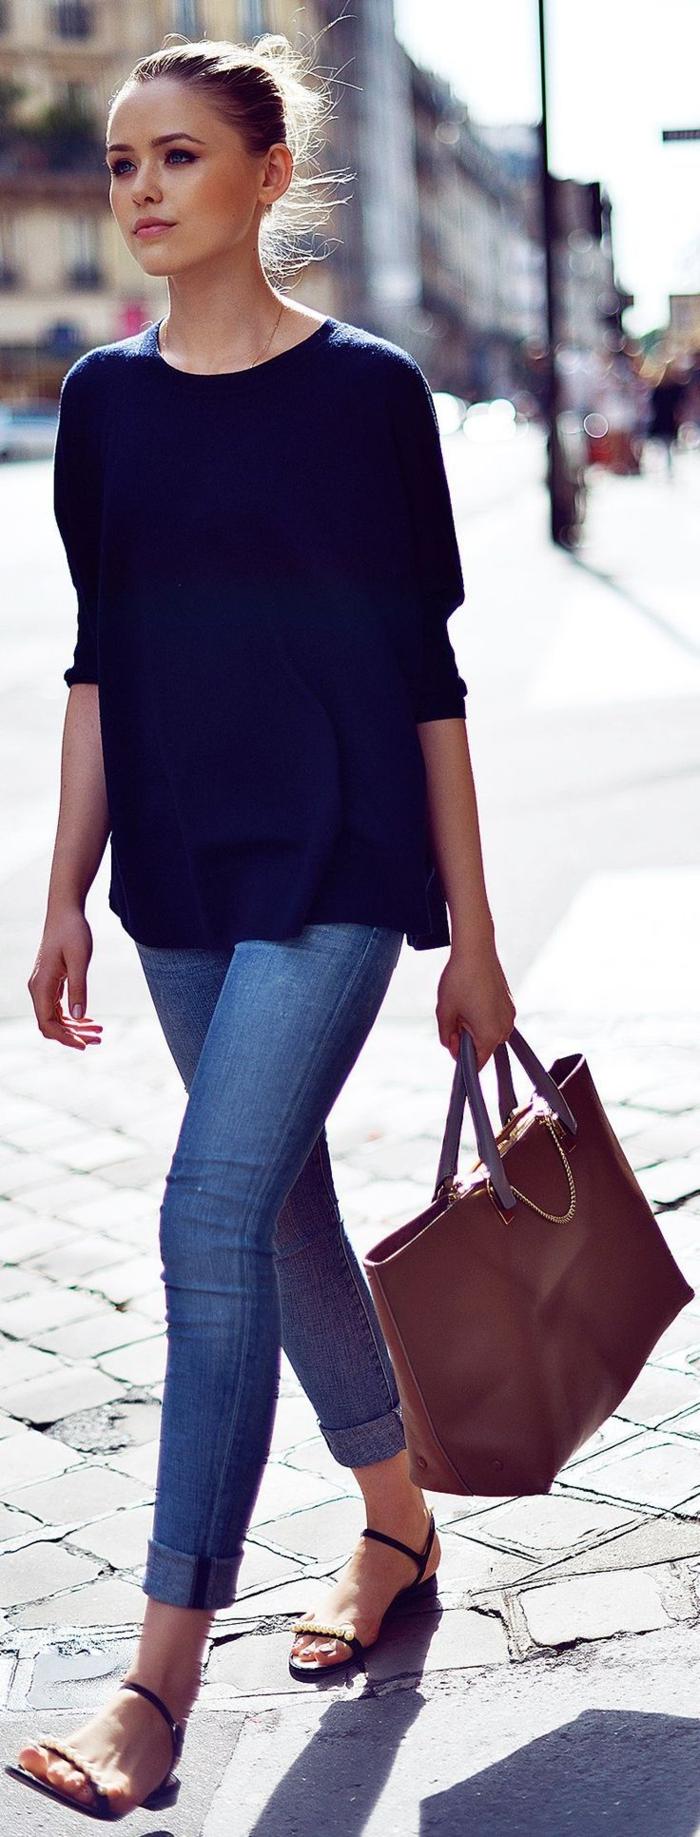 le-style-casuel-chic-tenue-chic-femme-idée-originale-vêtement-stylé-belle-allure